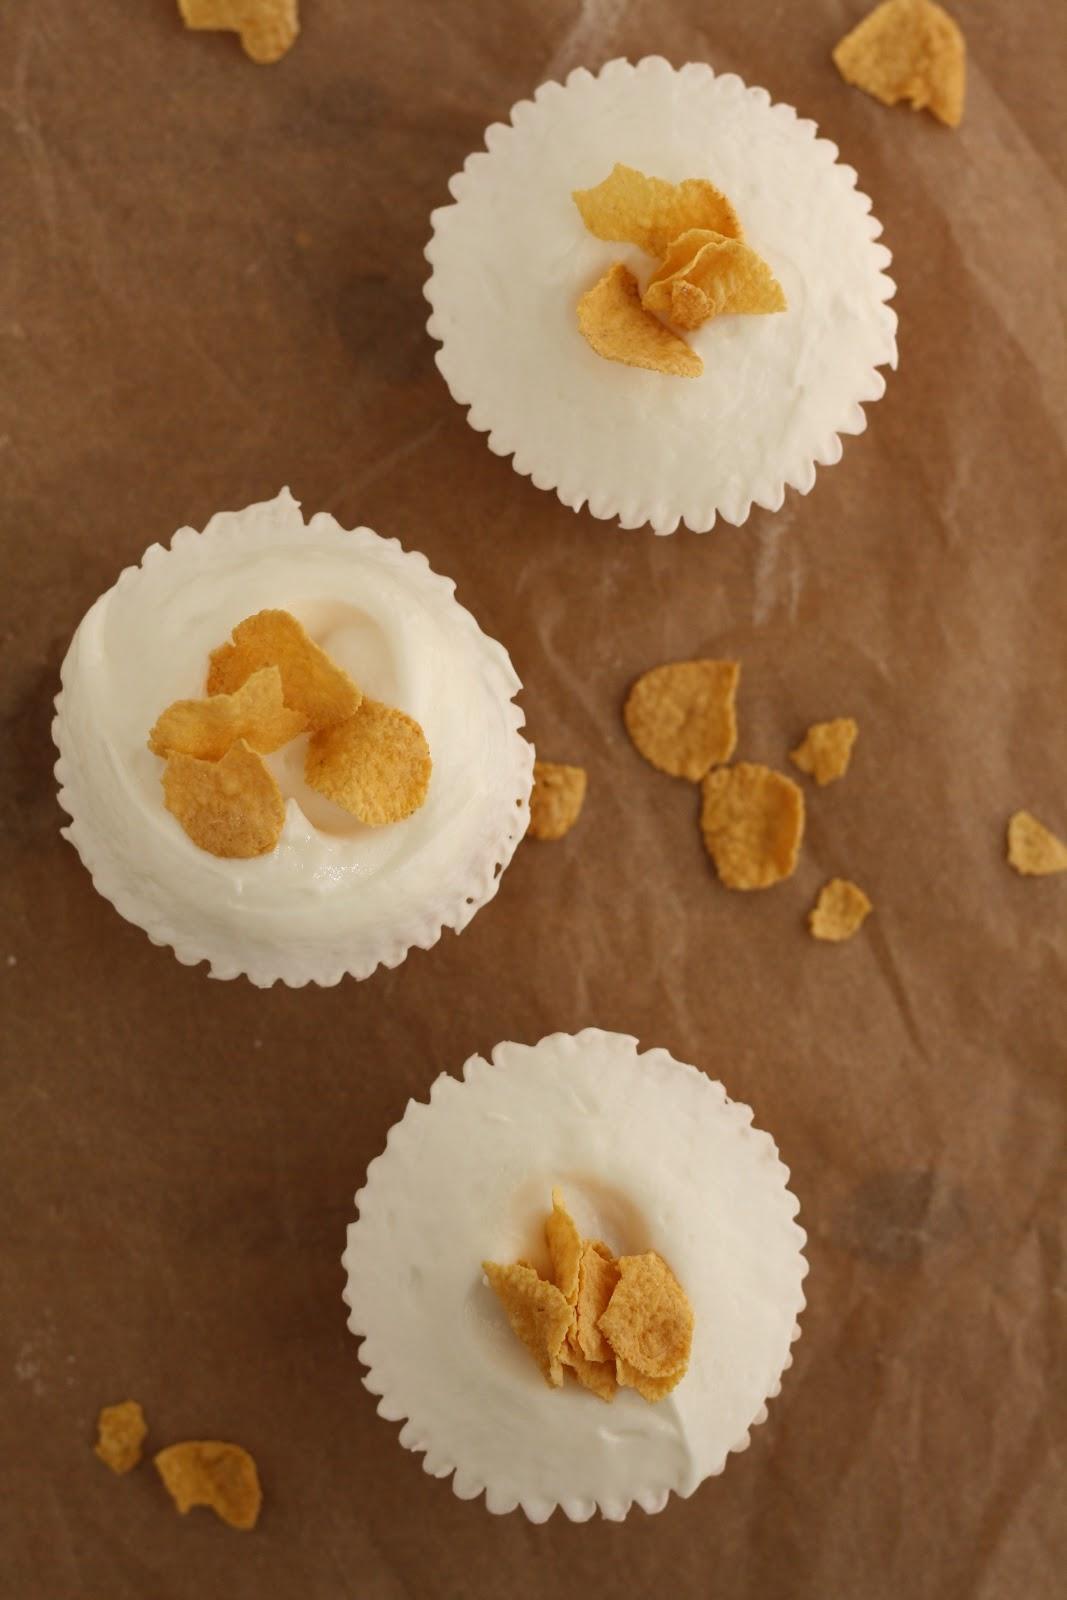 Momofuku Milk Bar Cereal Cupcakes